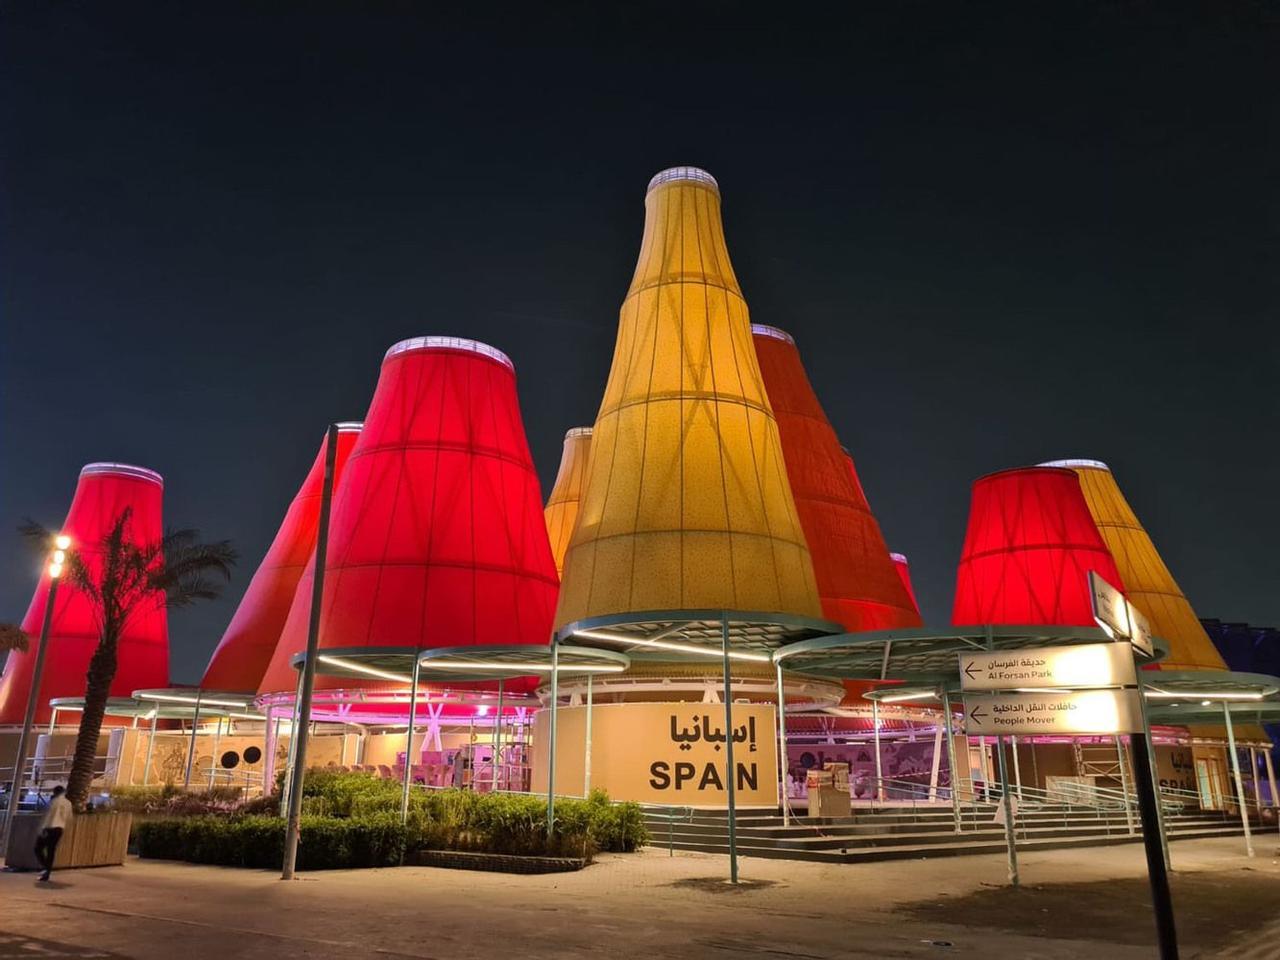 Испанский павильон на Expo Dubai 2020 с жизнеутверждающим правилом - «Интеллект для жизни»